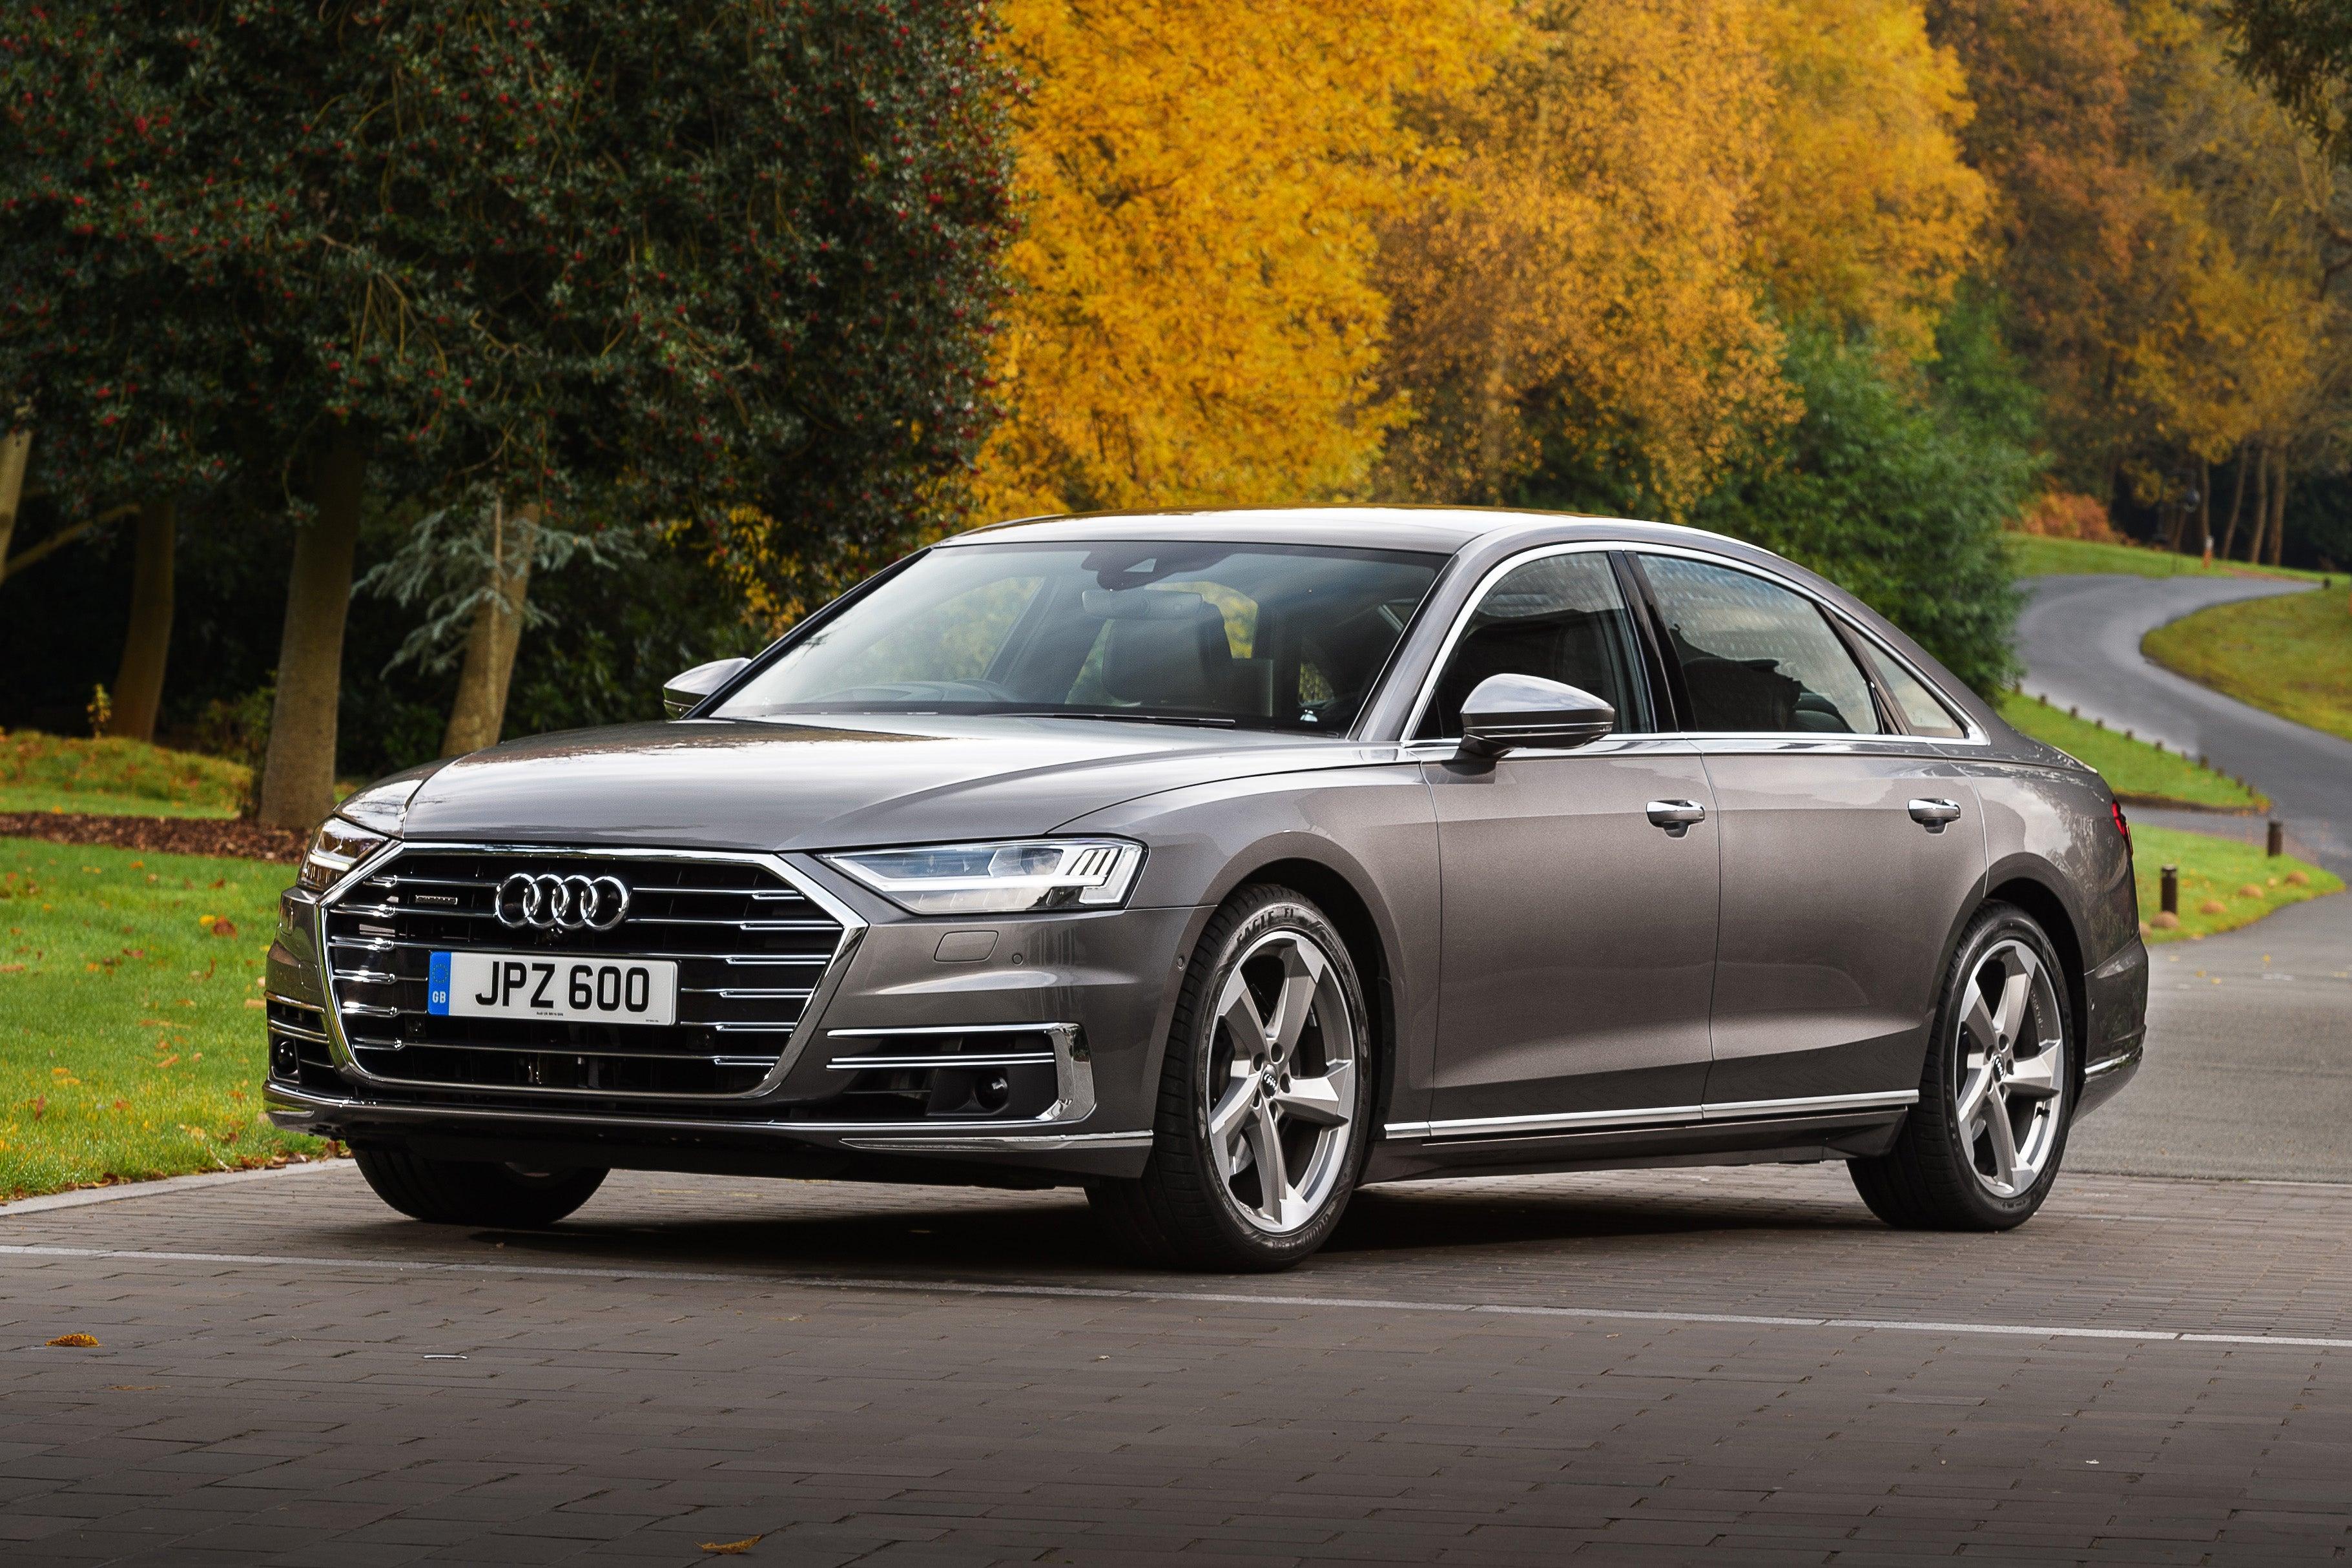 Audi A8 Exterior Front